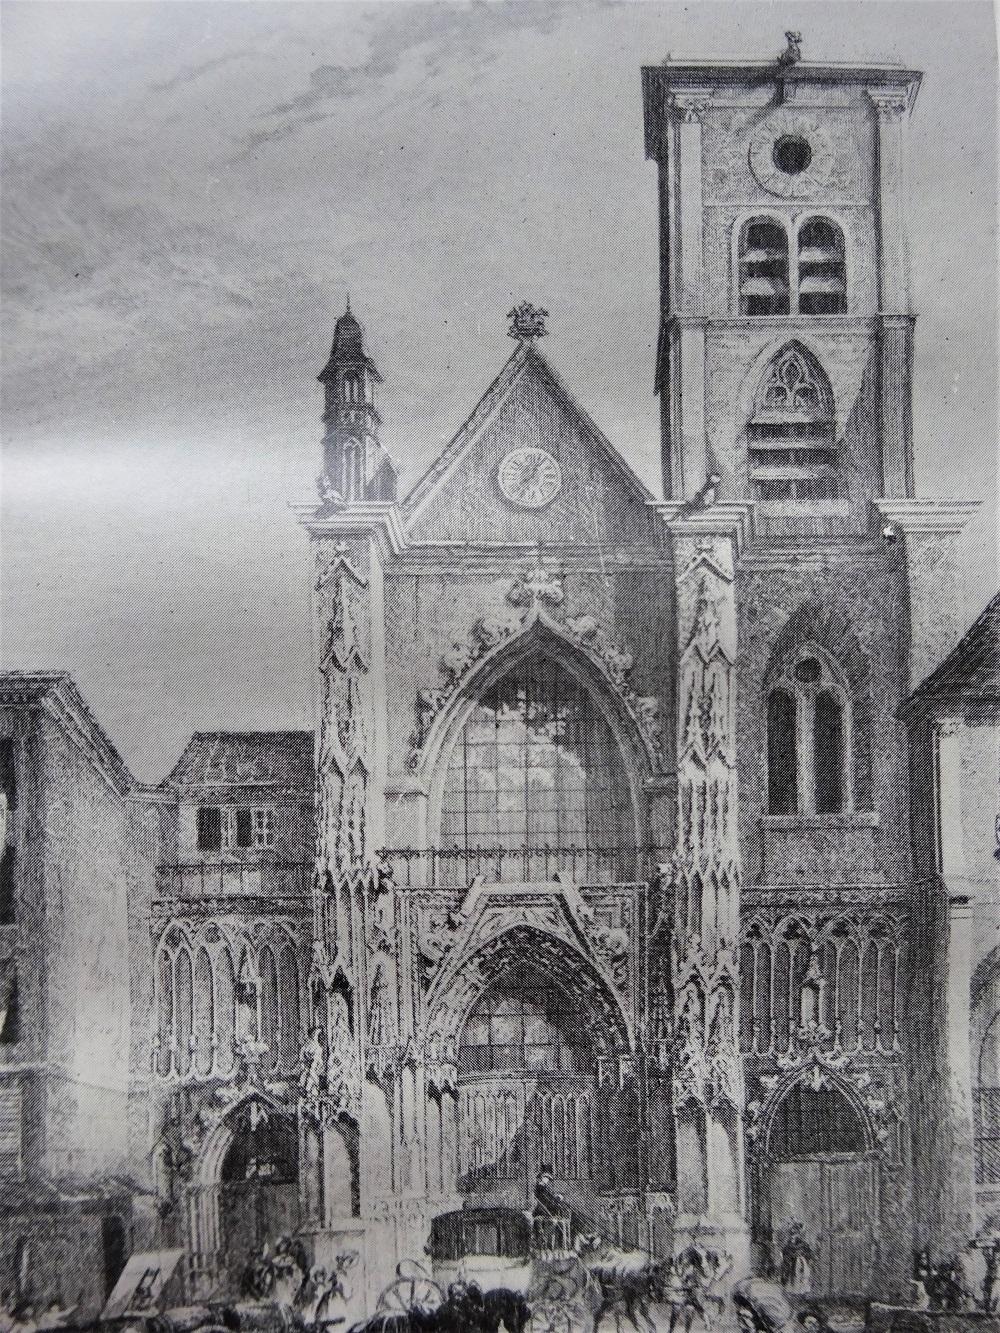 Eglise Saint Merry de Paris. Histoire de la paroisse et de la collégiale. 700-910.